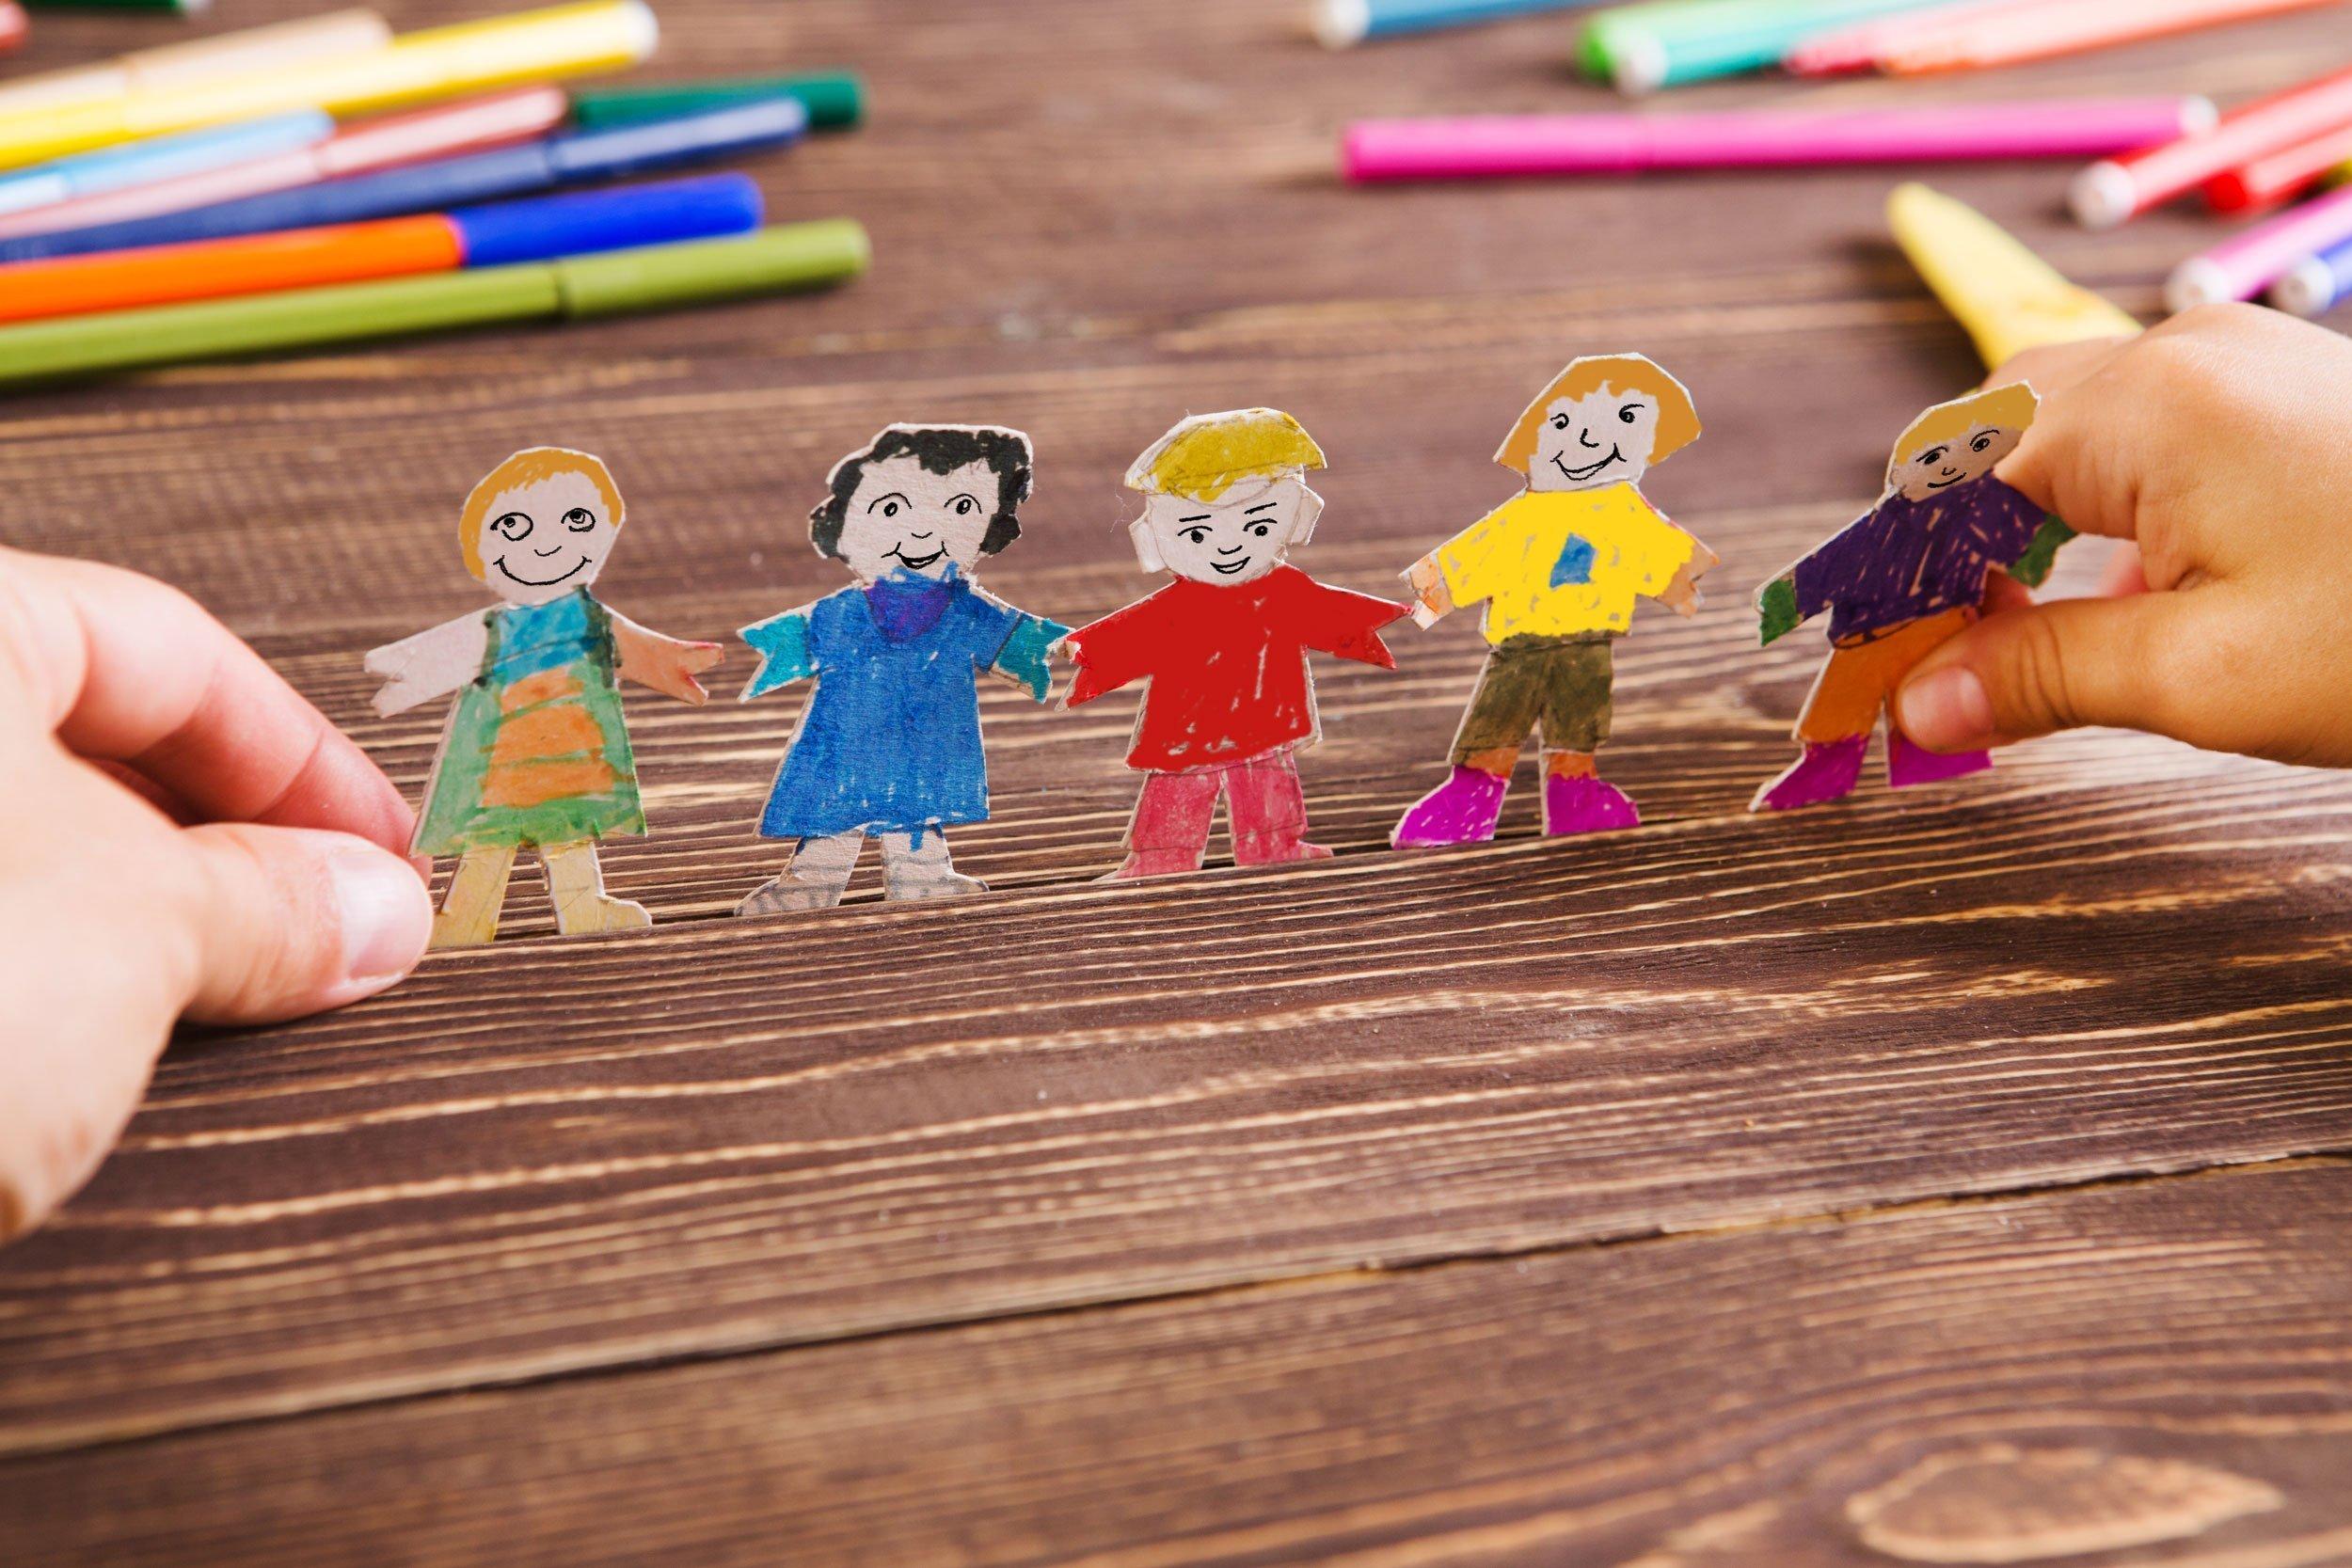 Come allenare la resilienza nei bambini